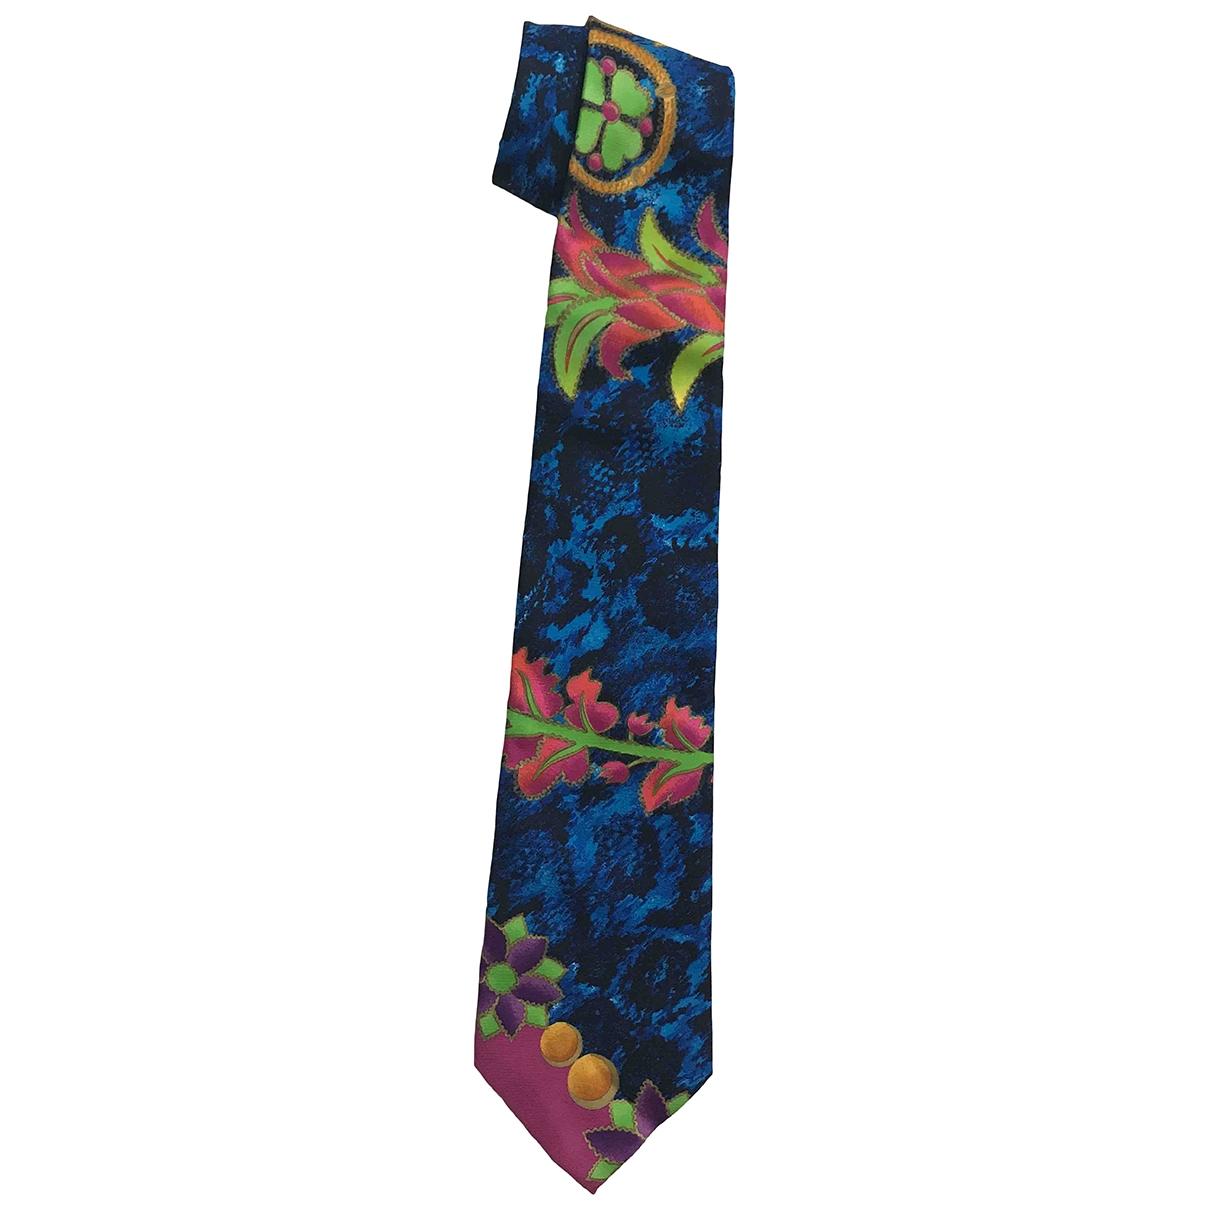 Gianni Versace - Cravates   pour homme en soie